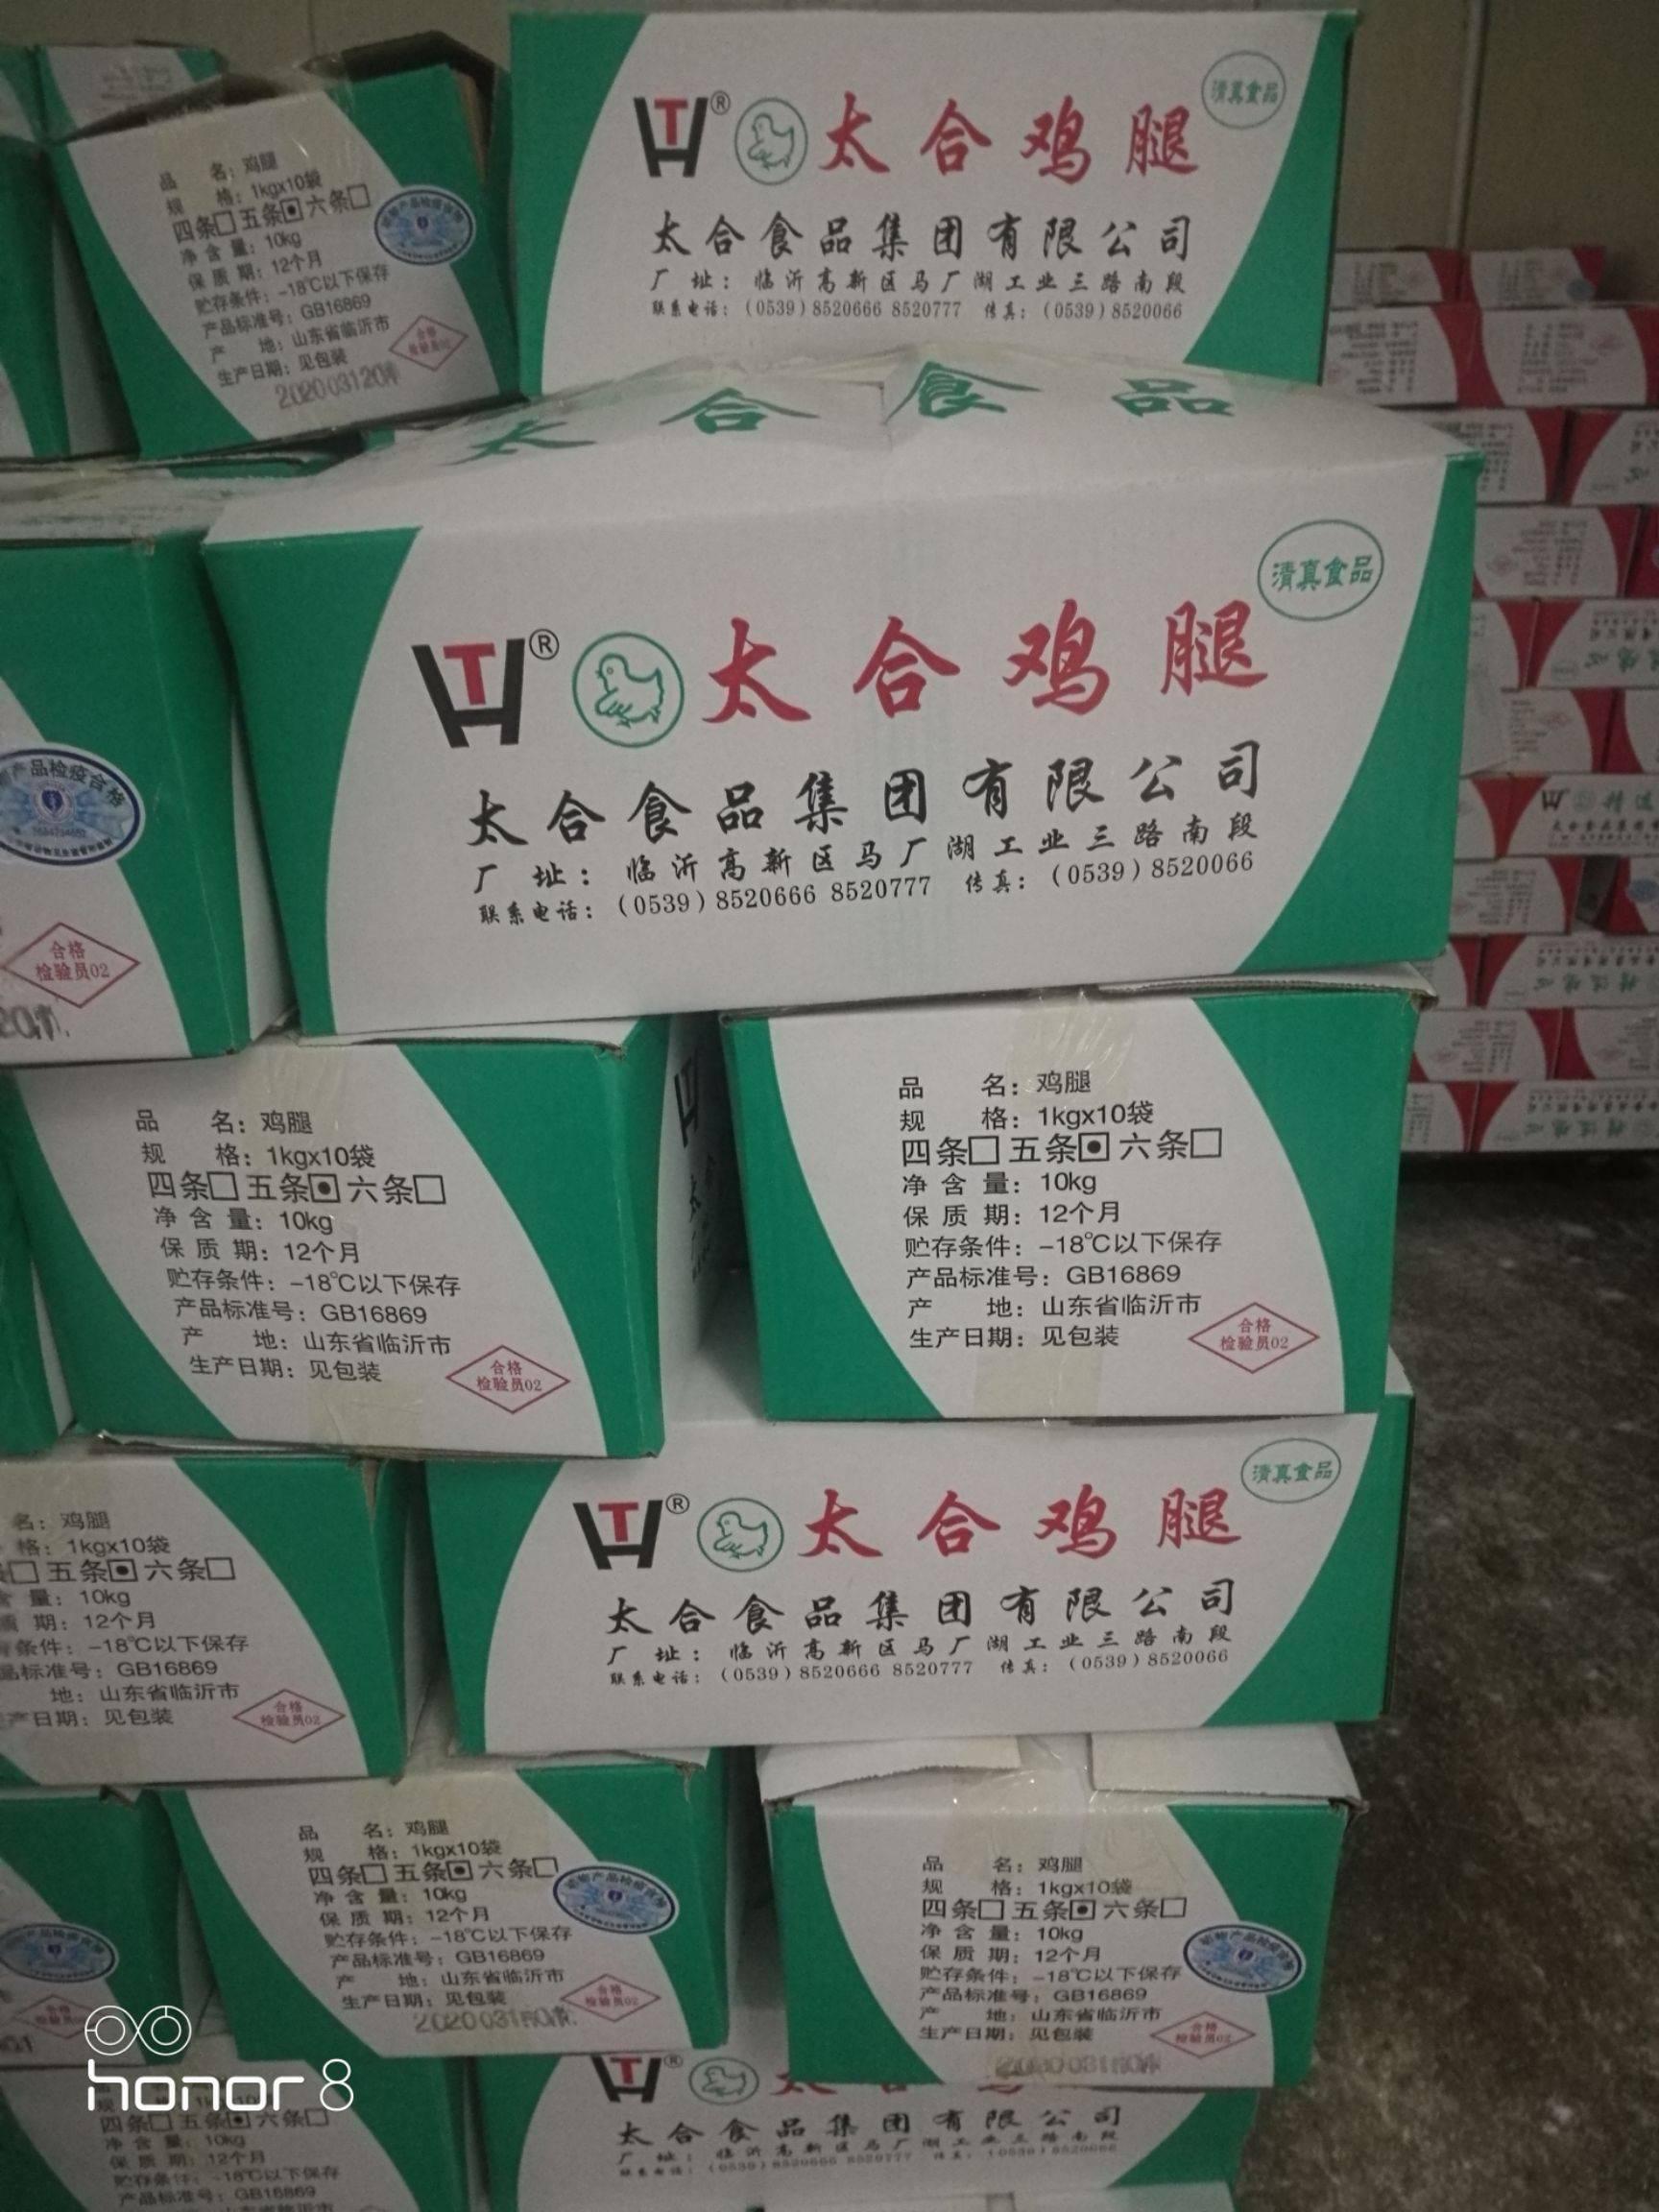 [鸡腿批发]鸡腿 排腿价格128元/箱